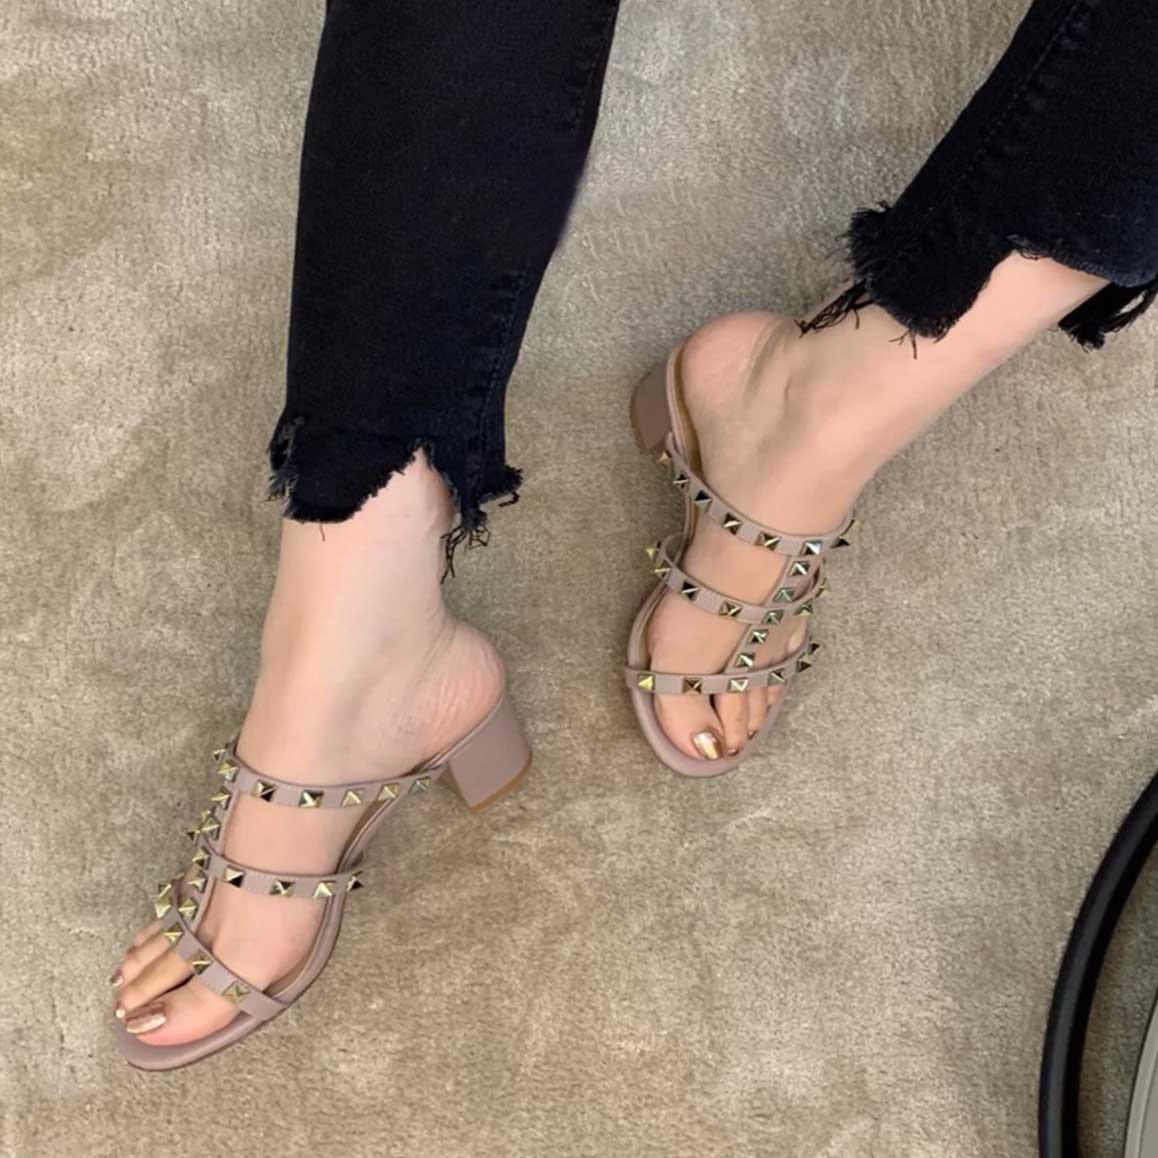 2021 Lüks Tasarımlar Moda Çivili Sandalet Hakiki Deri Slingback Bayanlar Yaz Kaya Perçinler Sandal Terlik Topuklu Tıknaz Heels W